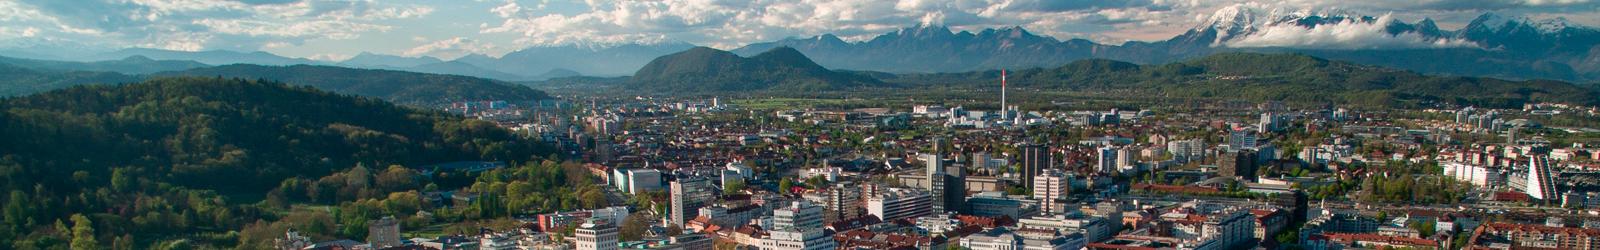 Ljubljana – March 8, 2018